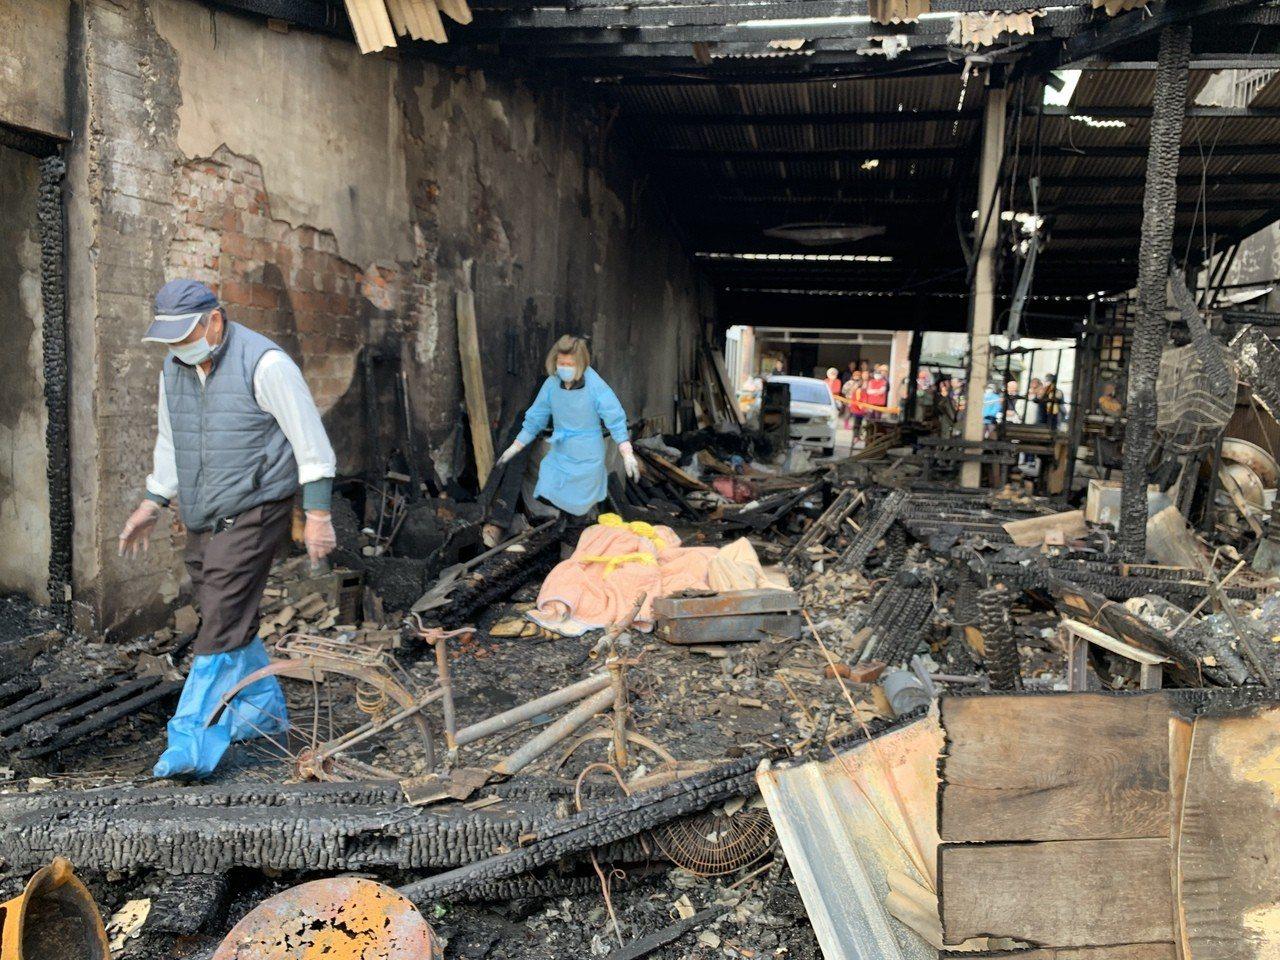 台南下營阿嬤和兩名孫子一起喪生火窟,遺體移出時家屬傷心欲絕。記者吳淑玲/翻攝絕